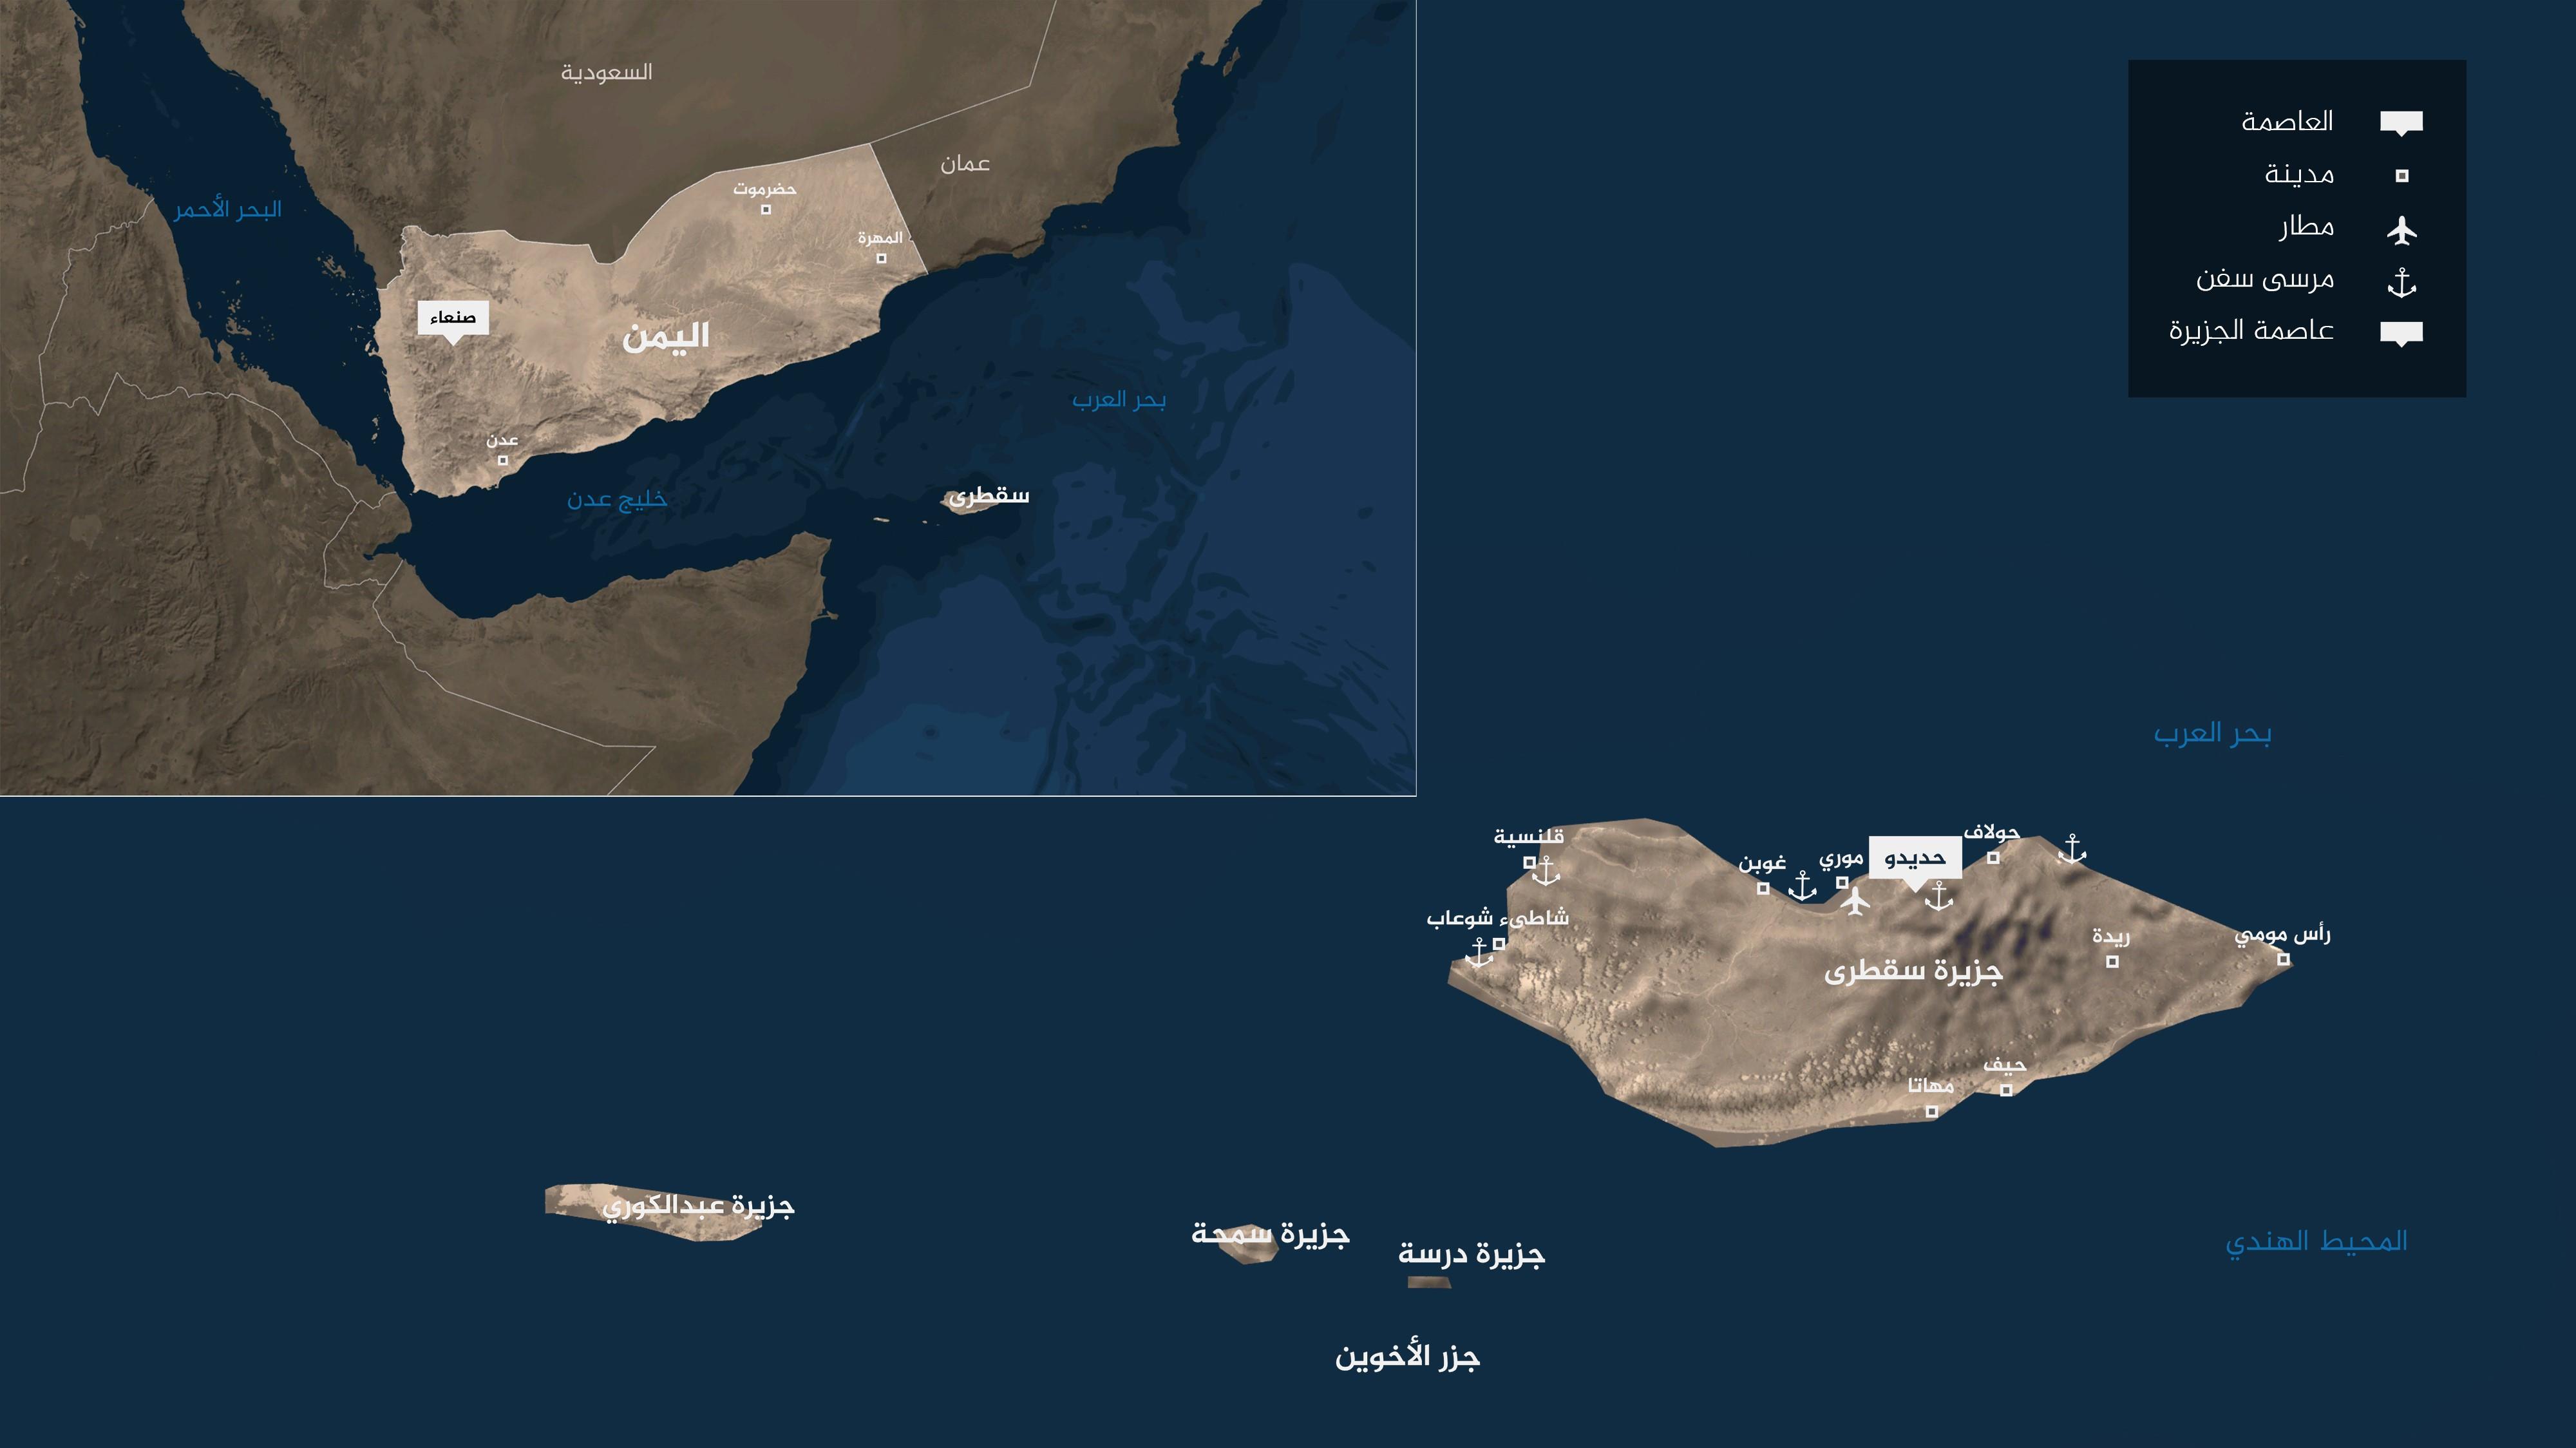 المصدر: الجزيرة، وقد أعيد إنشاؤها من قبل الباحث(6).